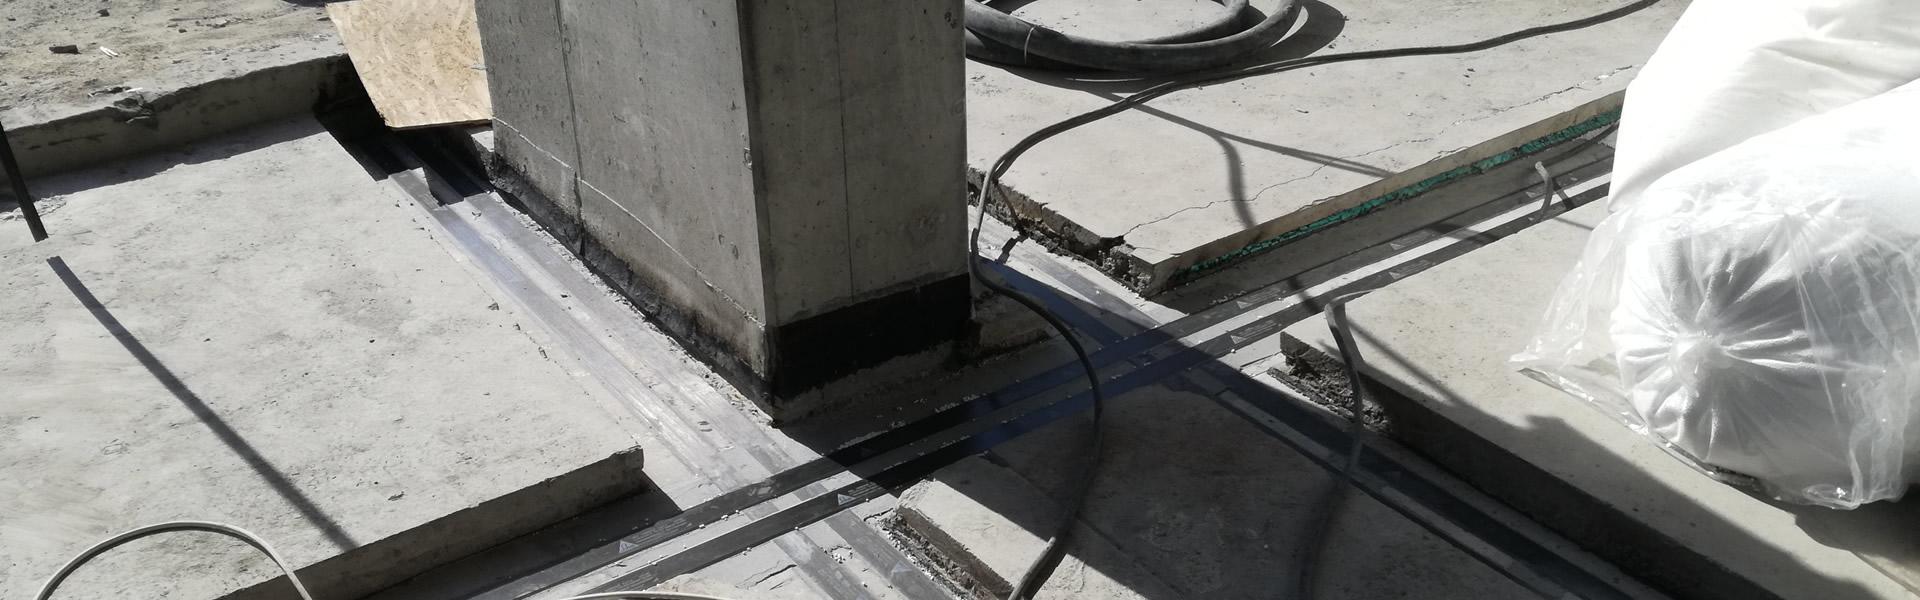 Ojačanja konstruktivnih elemenata konstrukcije